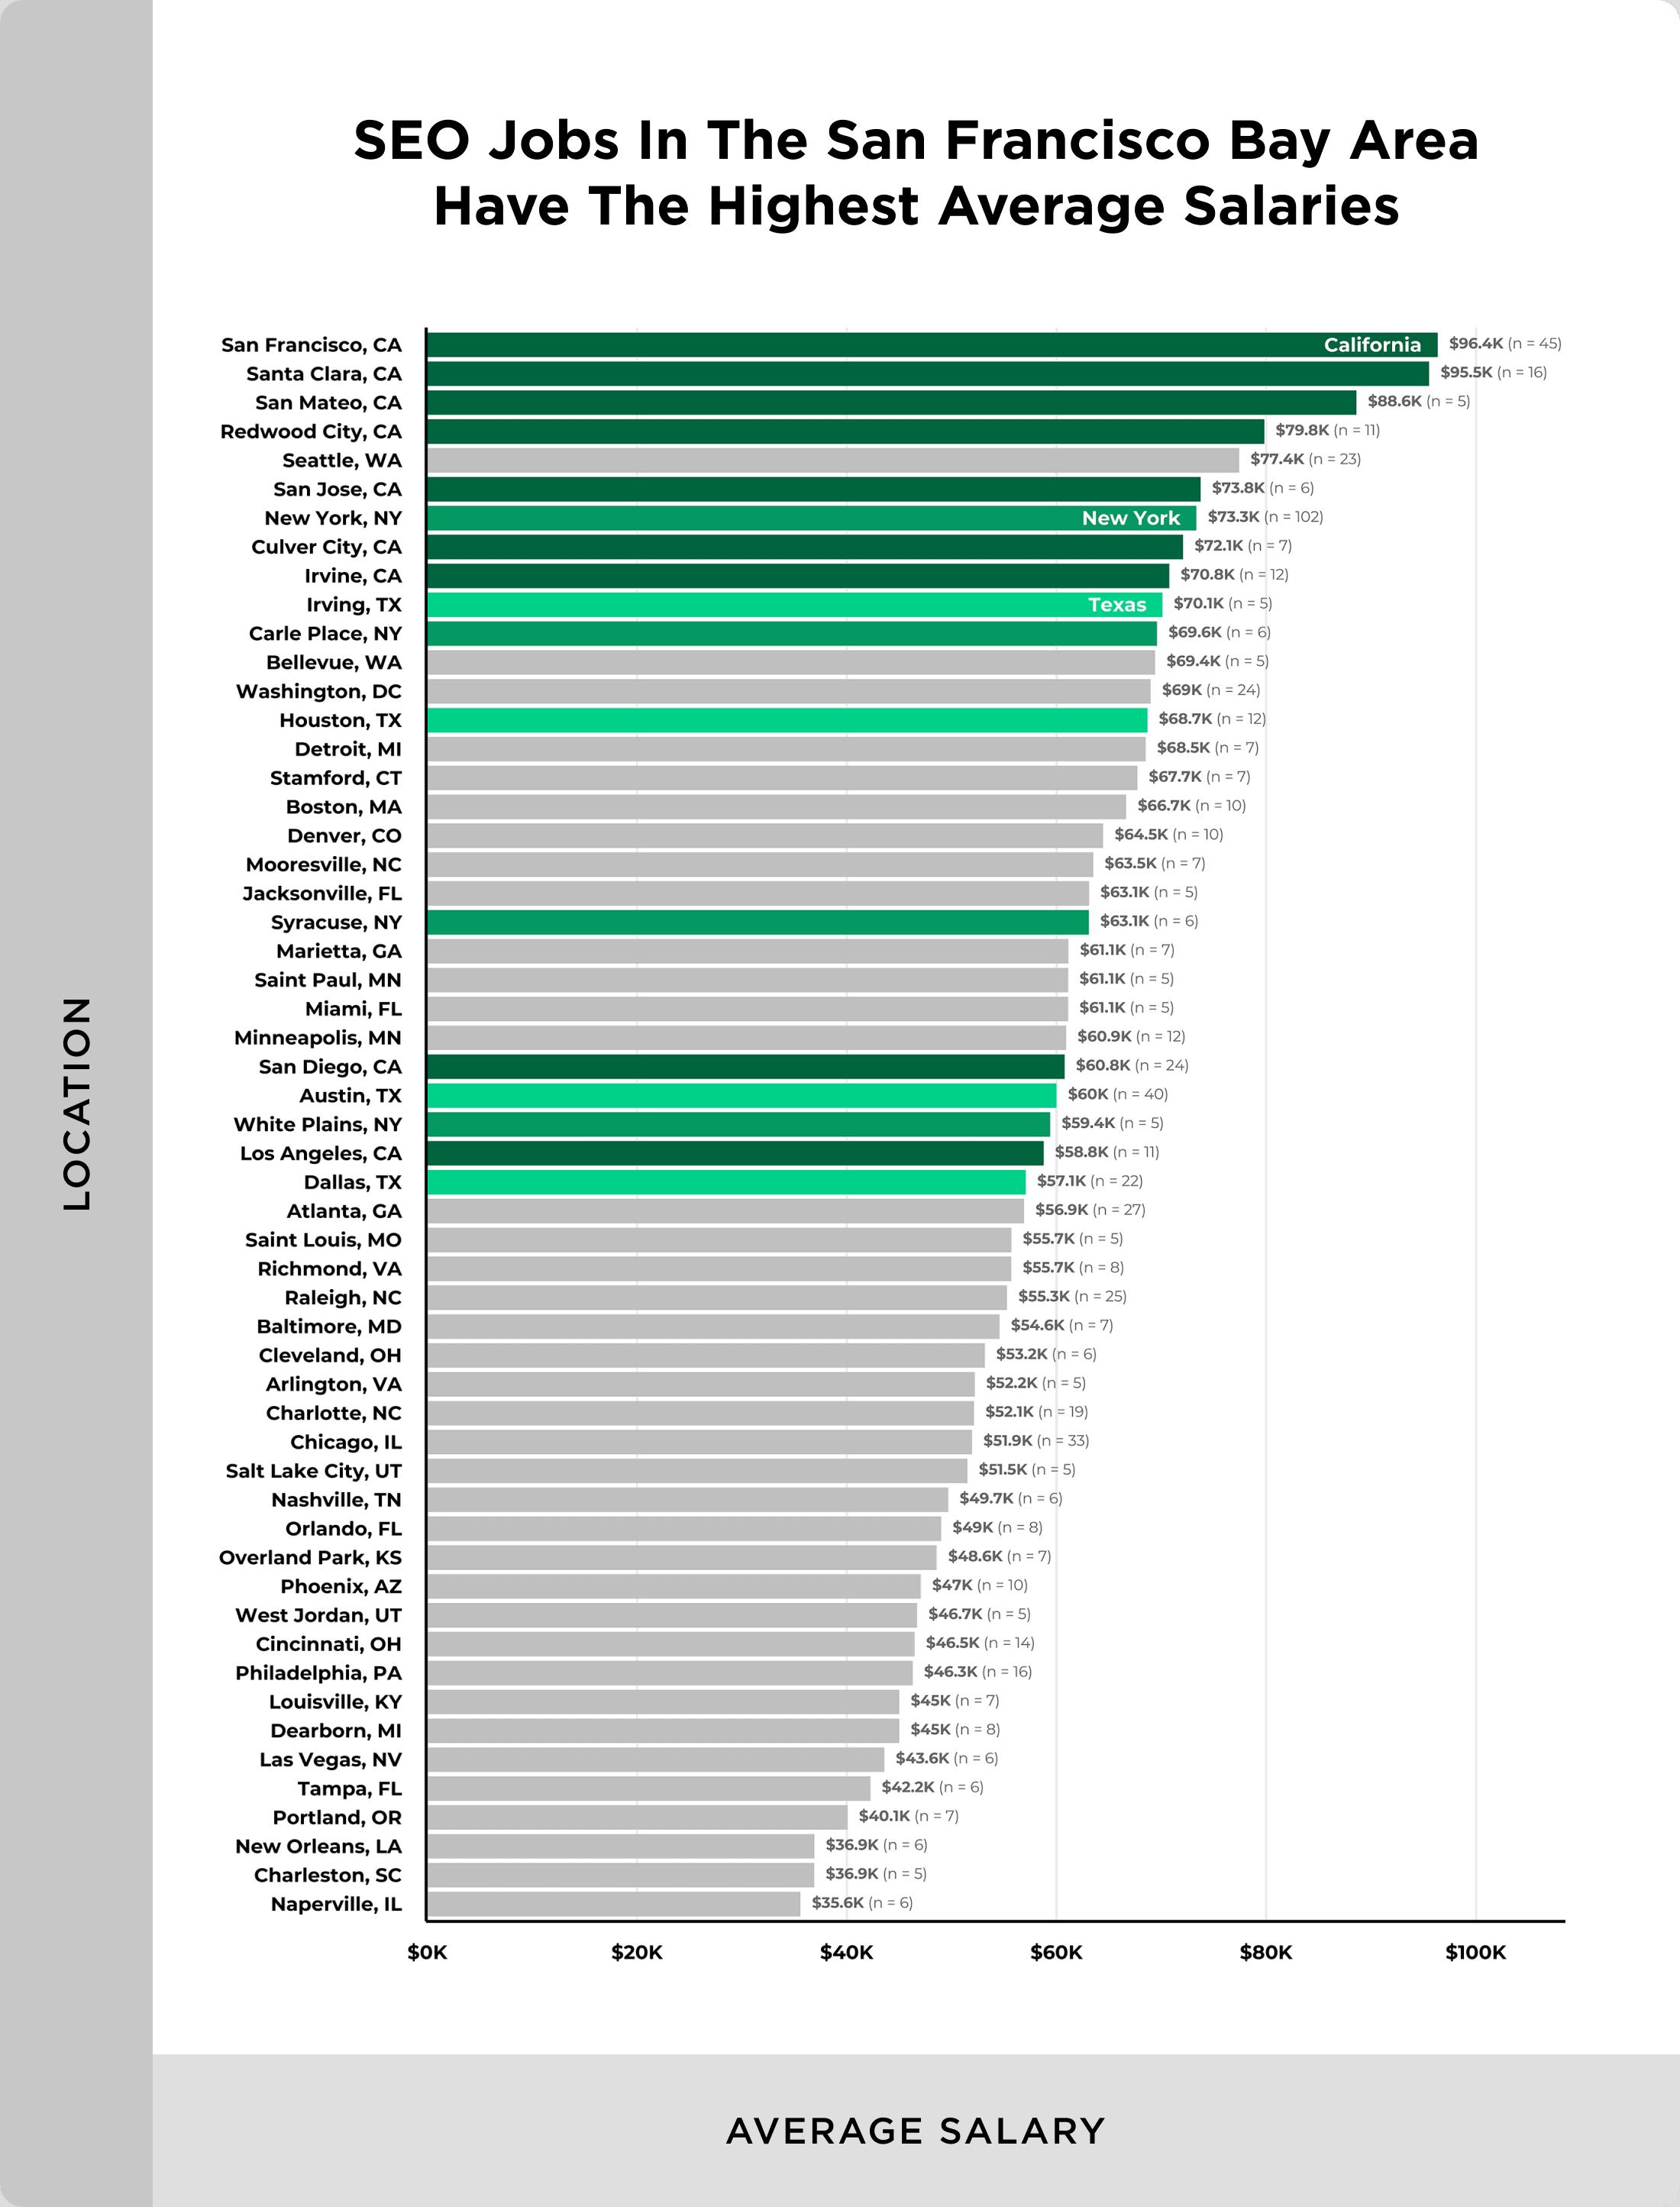 SEO salary by city